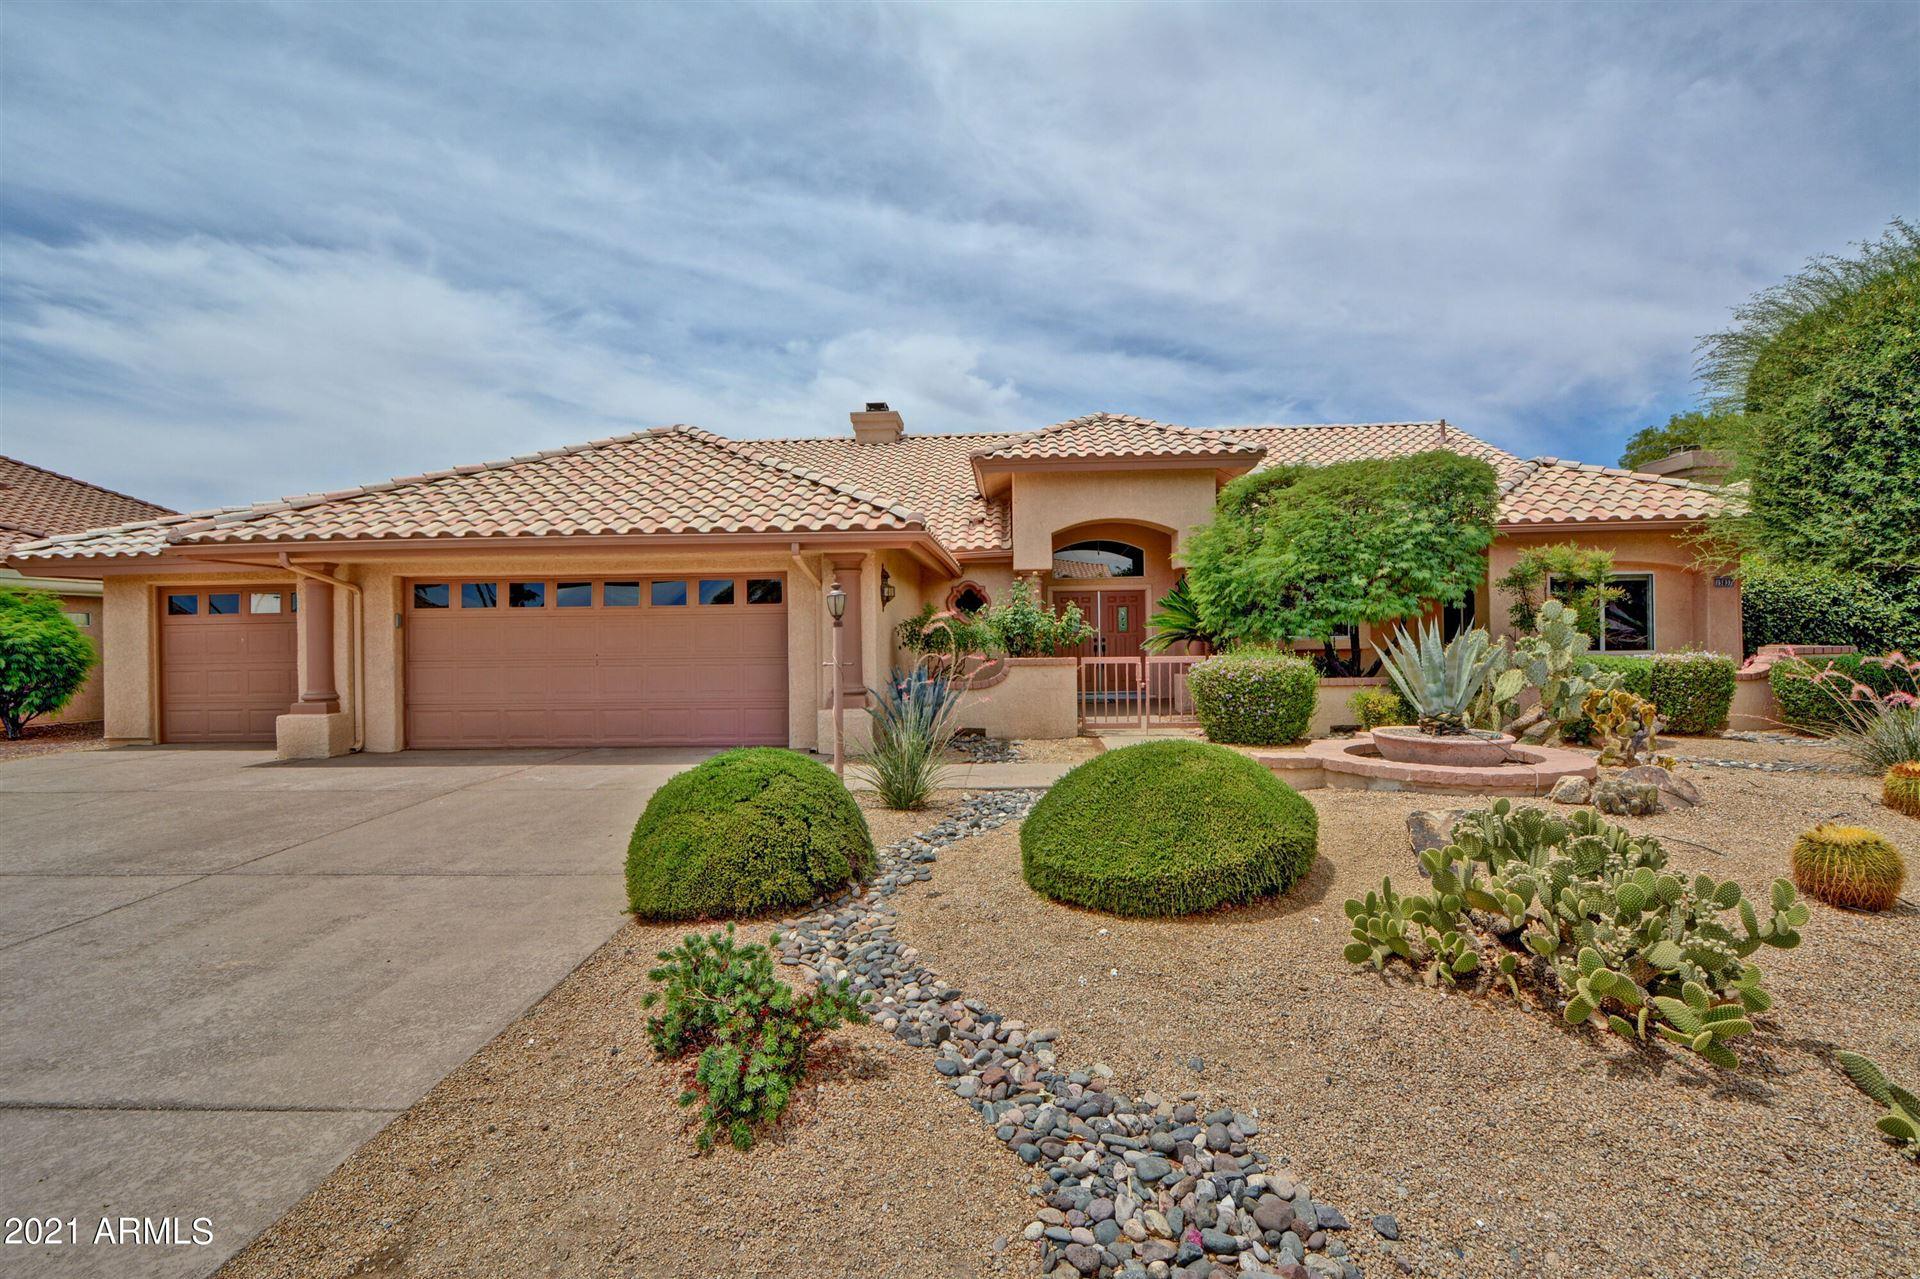 15837 W HURON Drive, Sun City West, AZ 85375 - MLS#: 6223914